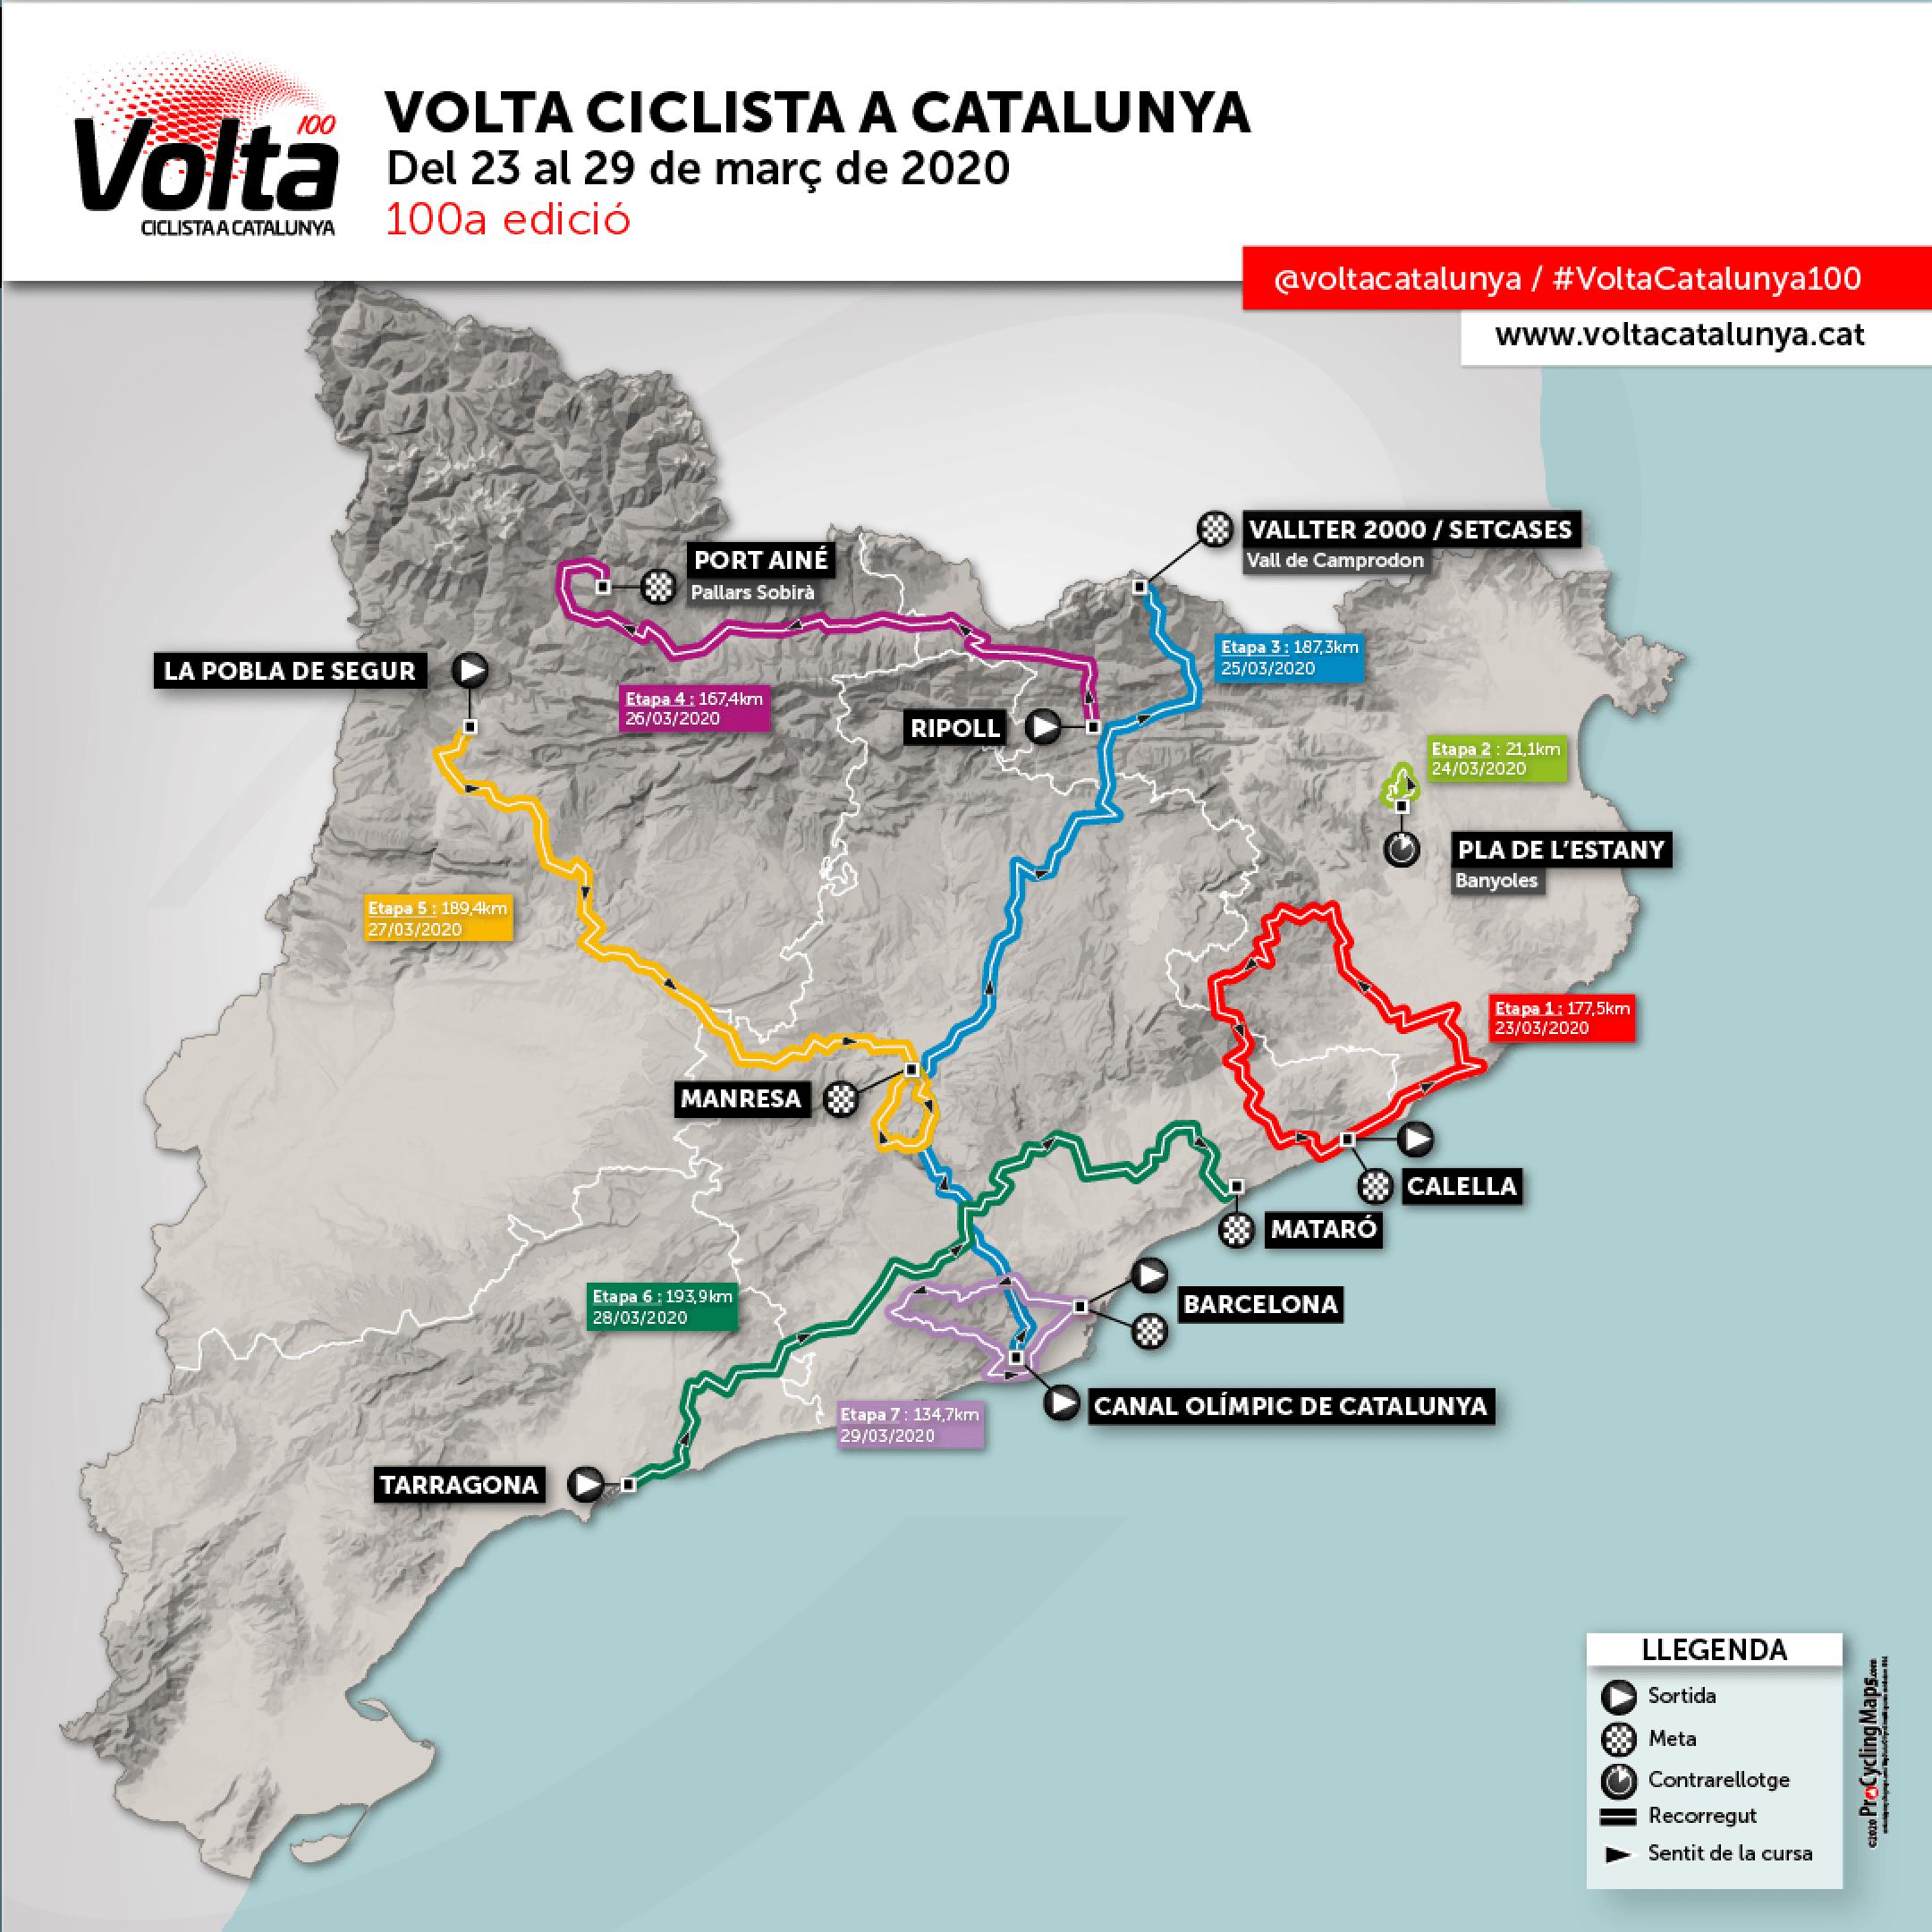 Suspesa la Volta Ciclista a Catalunya a causa del coronavirus